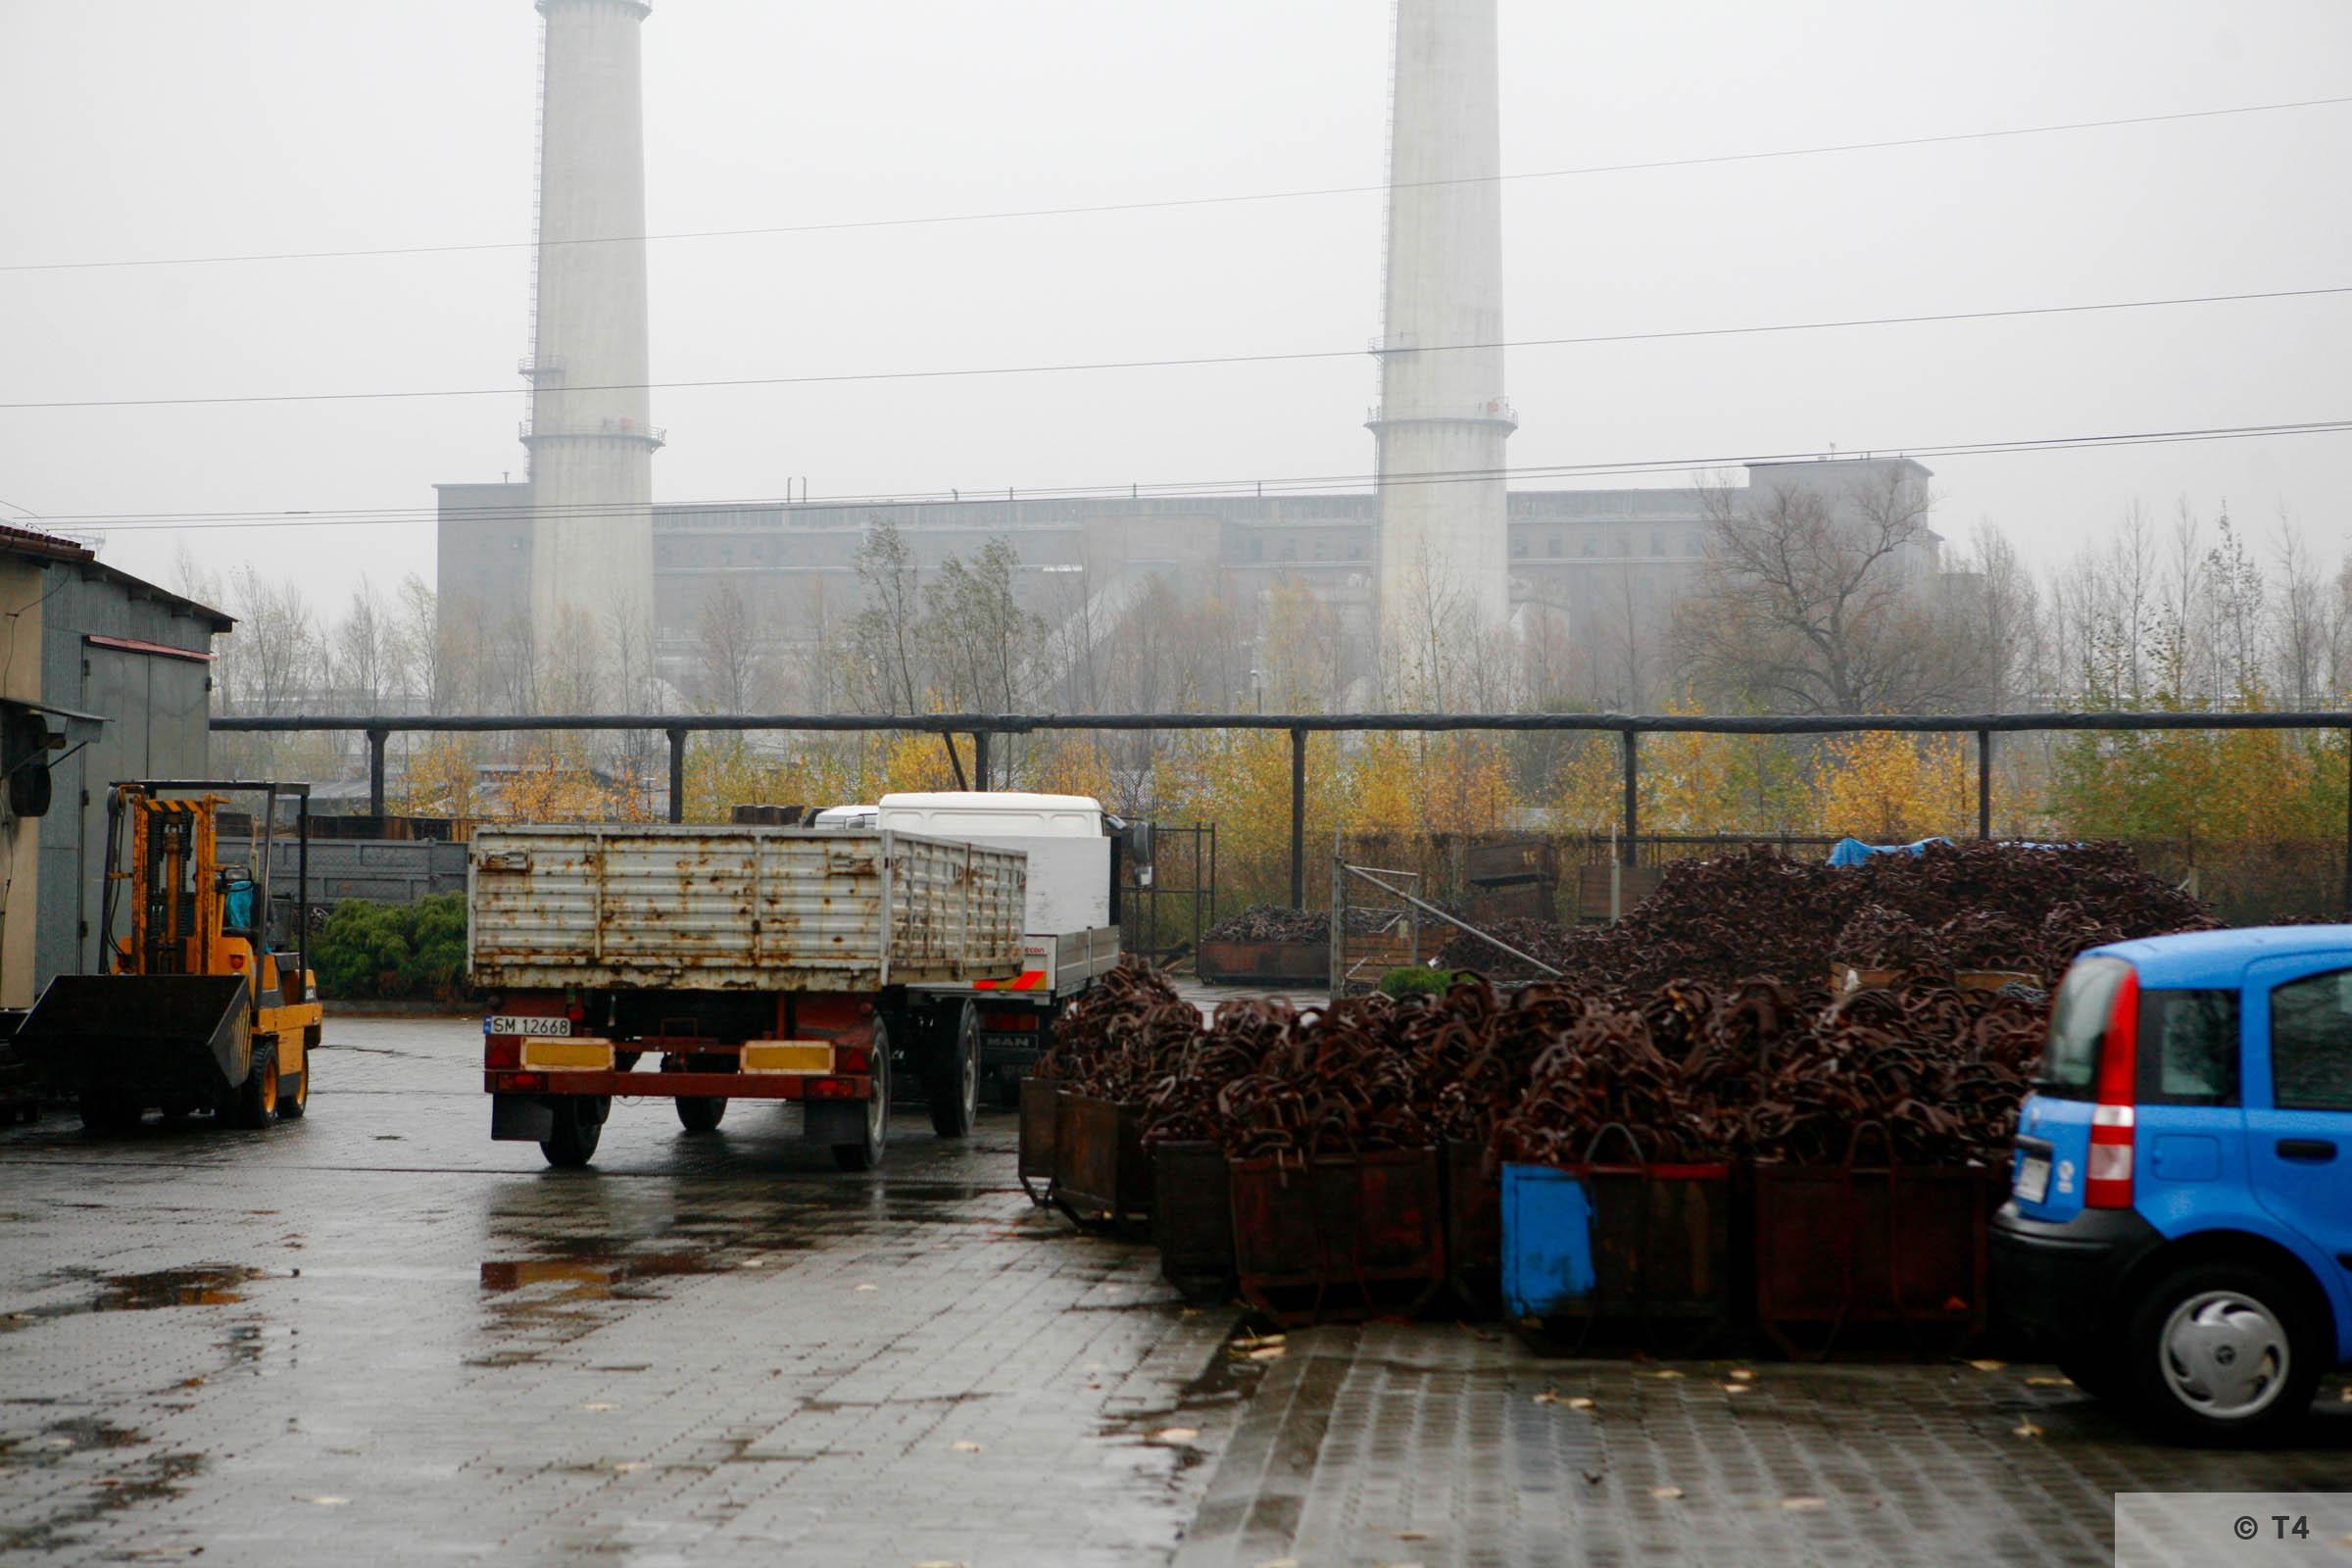 Former IG Farben Buna plant. 2006 T4 4205